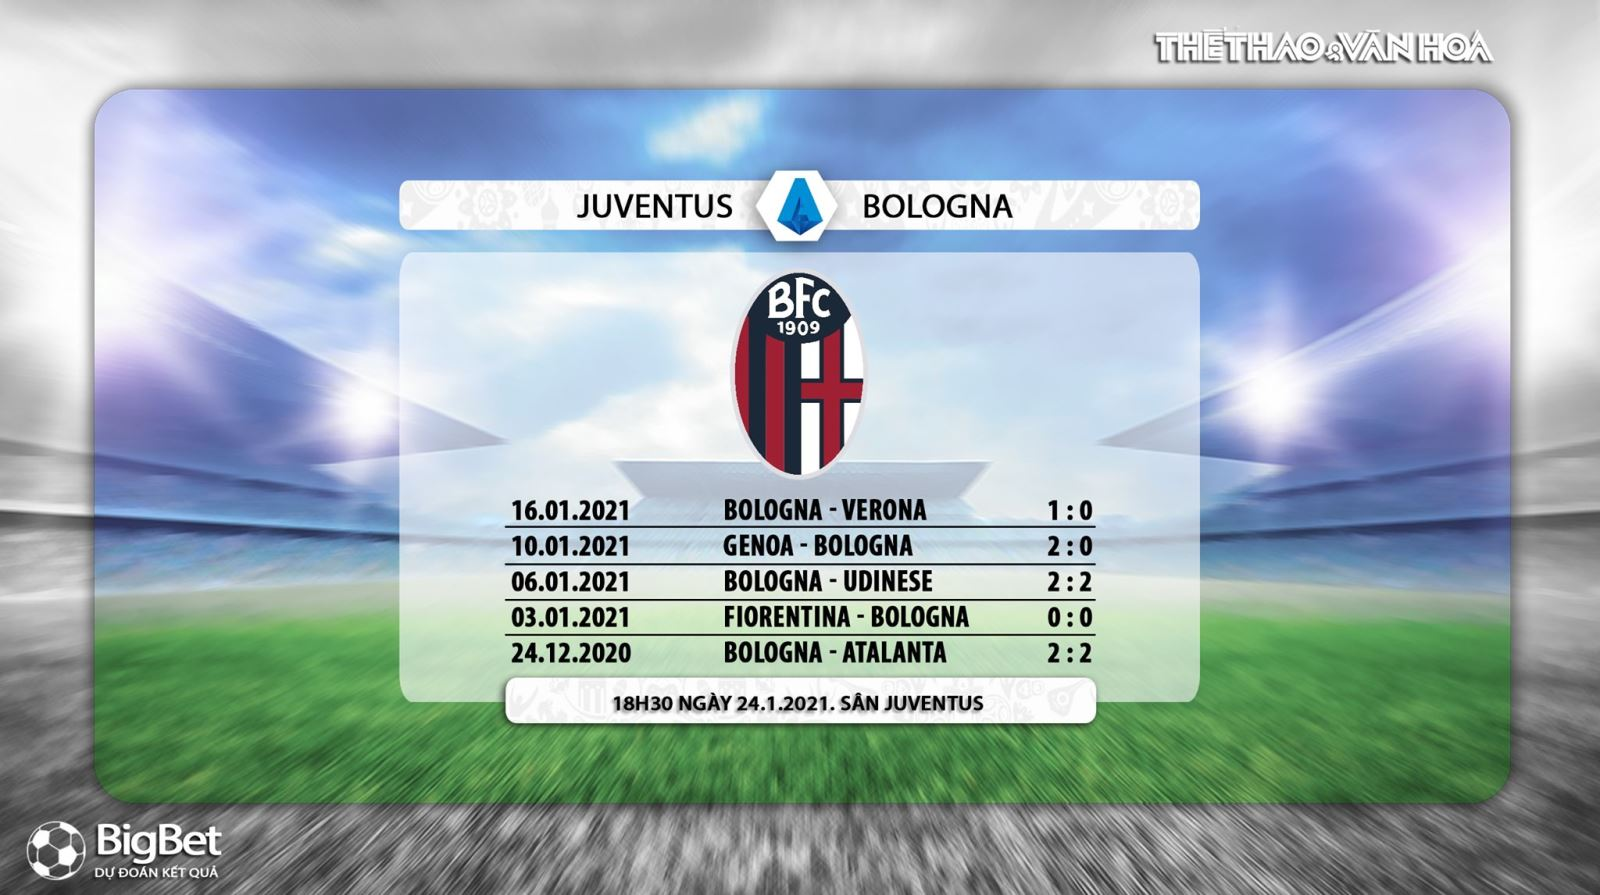 Trực tiếp bóng đá Ý hôm nay: Juventus vs Bologna. FPT Play trực tiếp Juventus